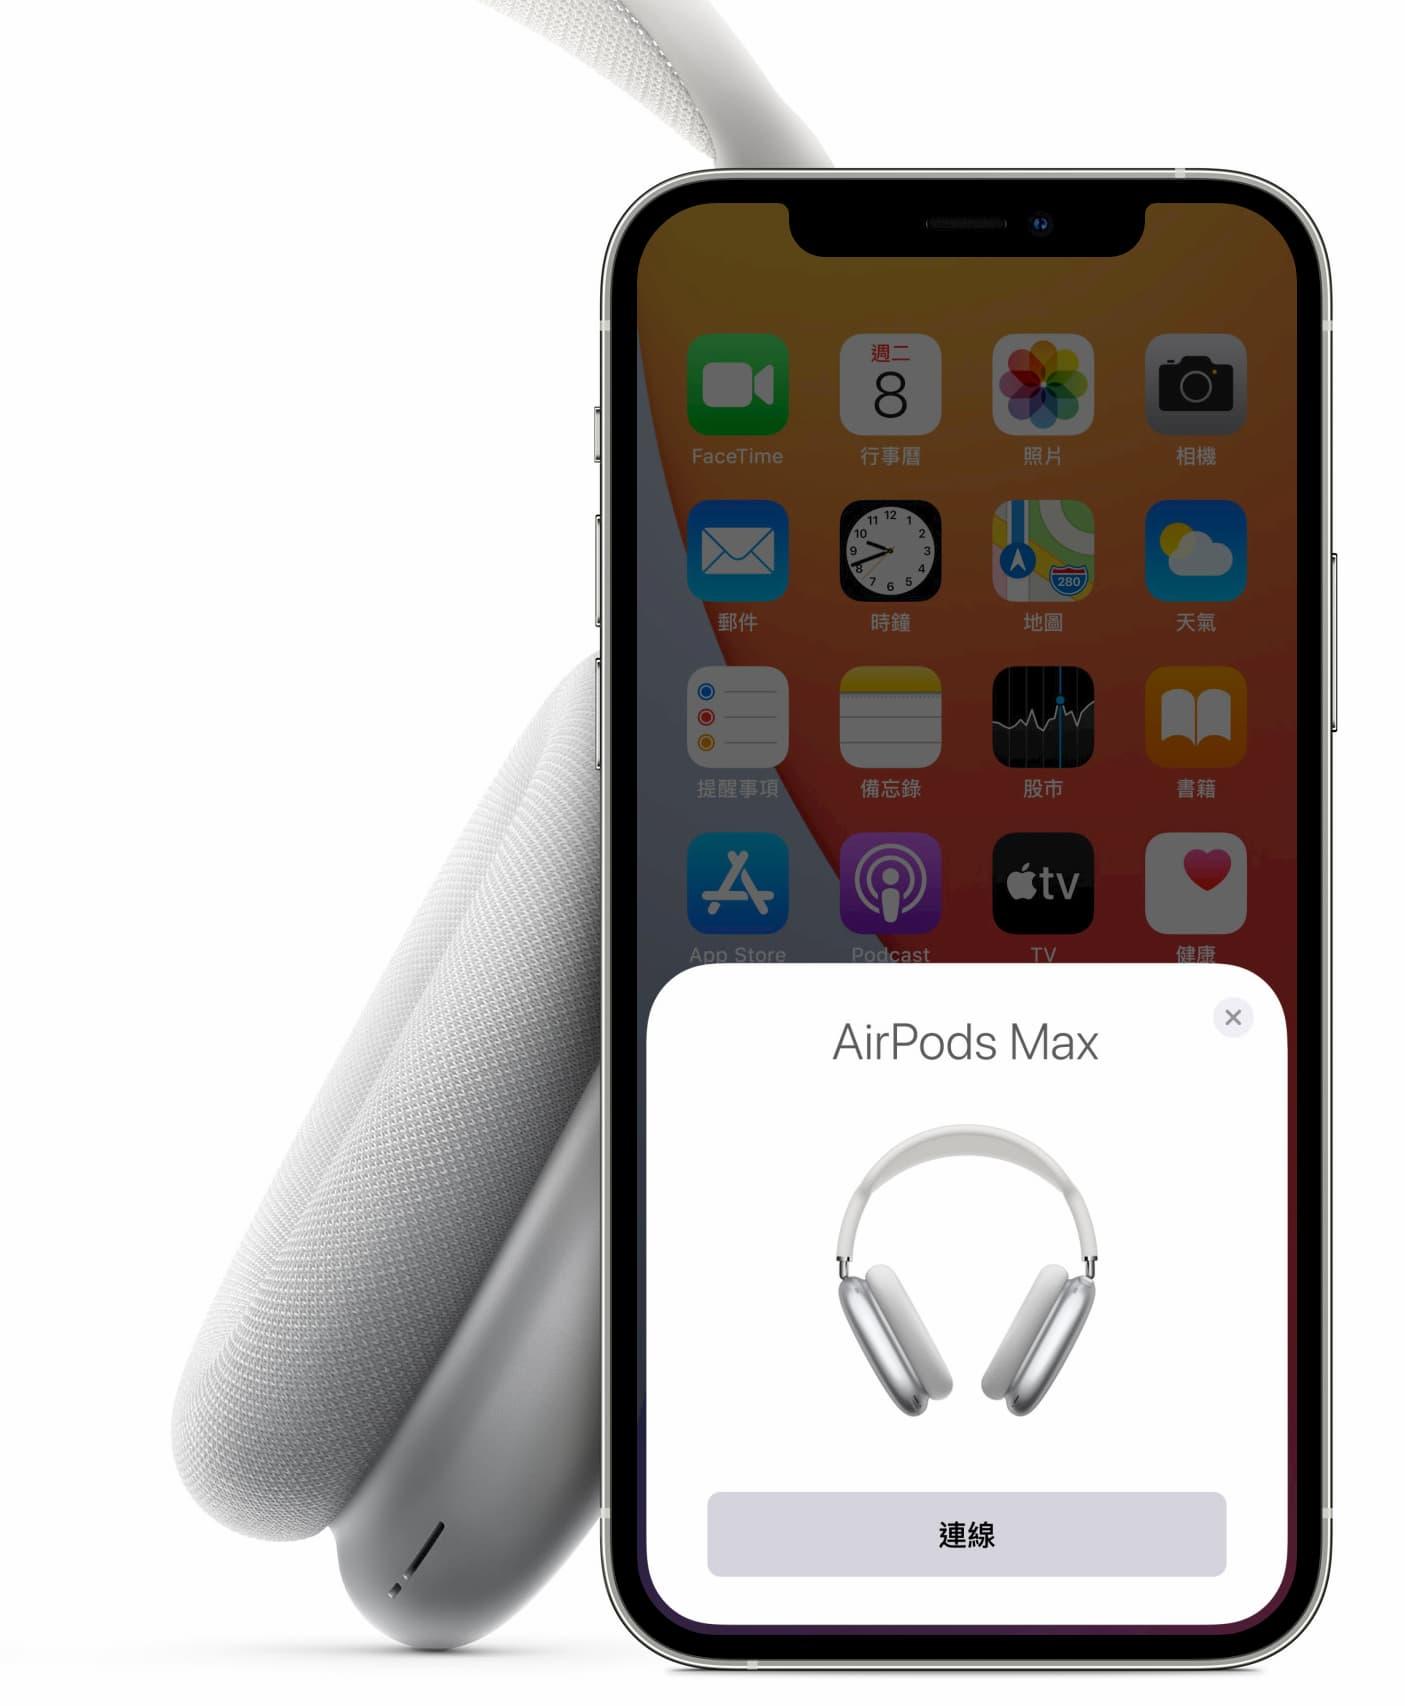 如何替AirPods Max 更新韧体,教你检查设备版本和更新